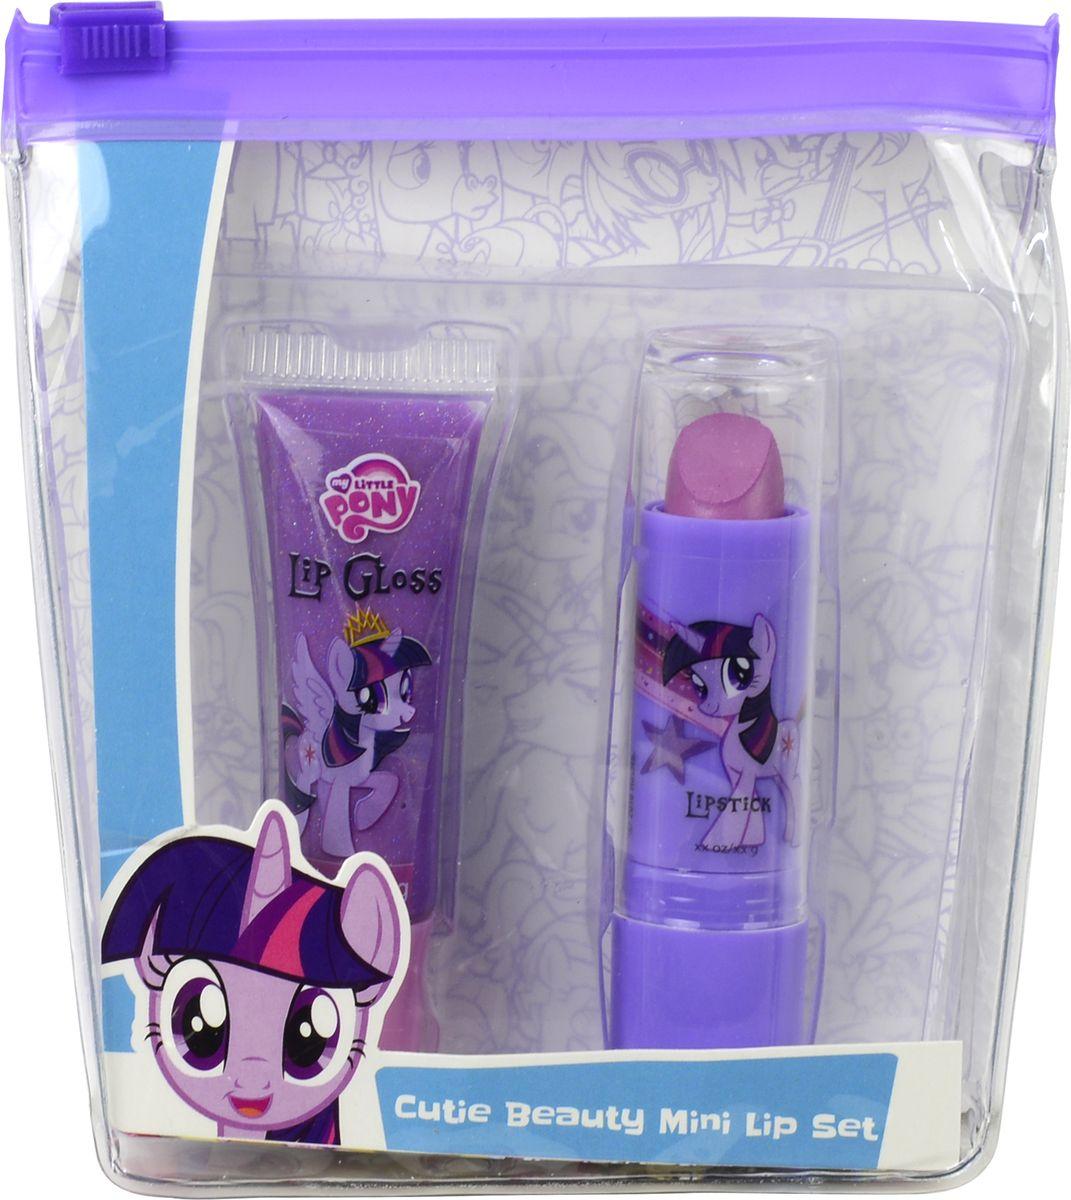 Markwins Игровой набор детской декоративной косметики My Little Pony 97105519710551Состав набора: блеск для губ в тубе 1 шт., губная помада в футляре 1 шт.